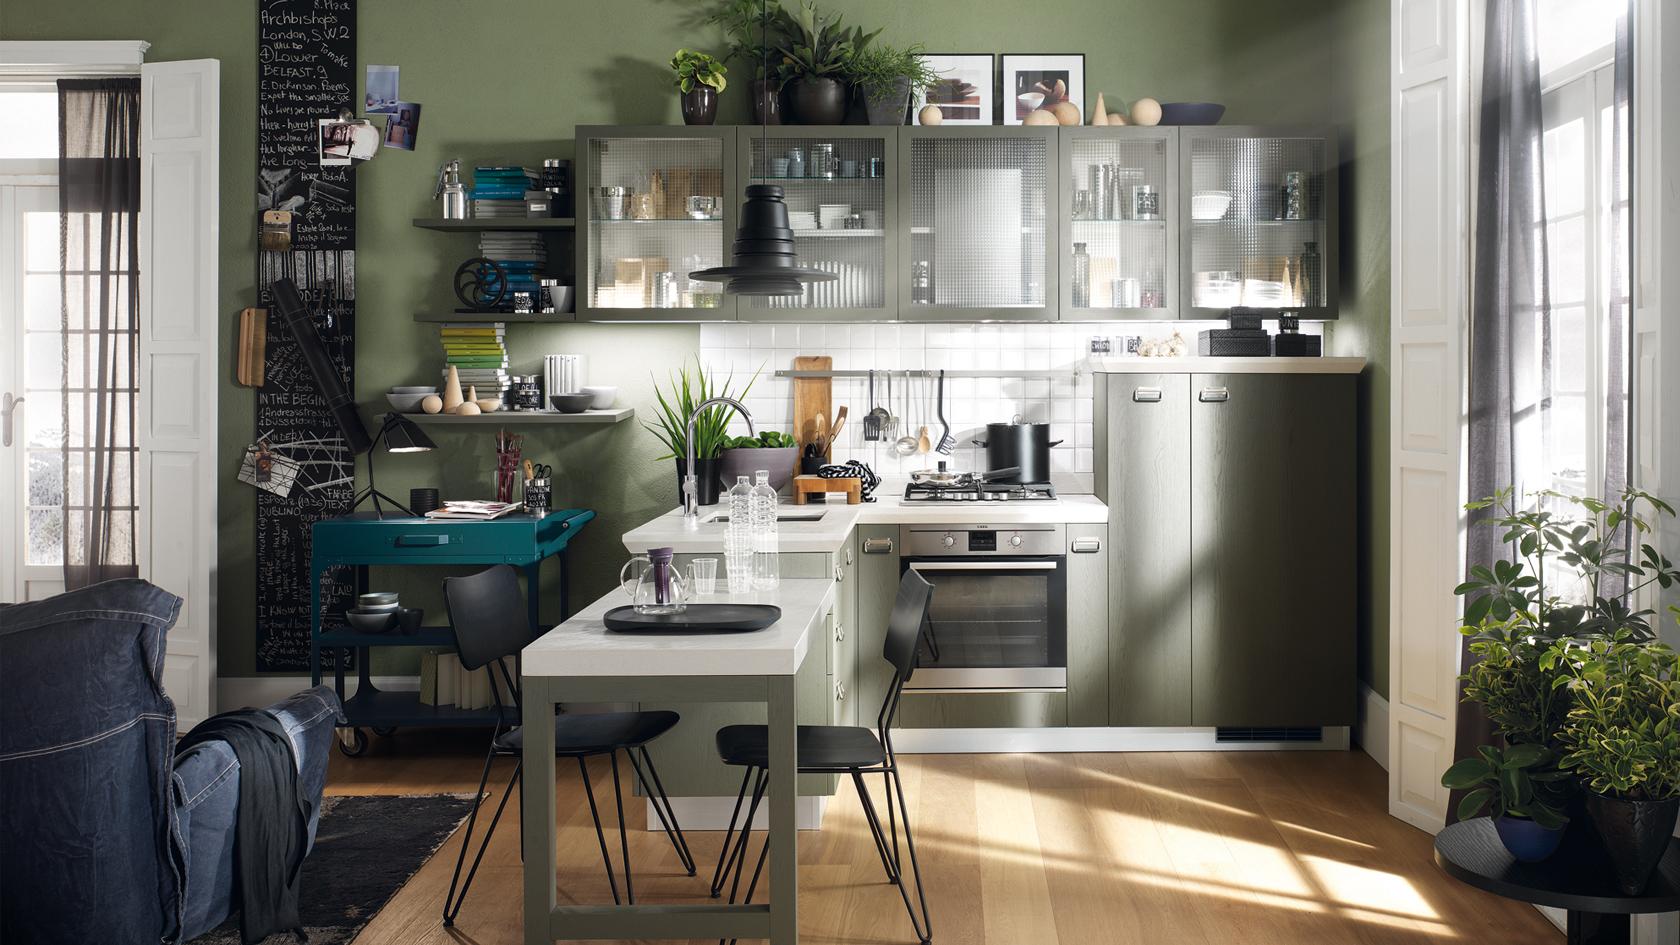 Diesel scavolini progetto cucine social 6 design mon amour - Cucine scavolini diesel ...